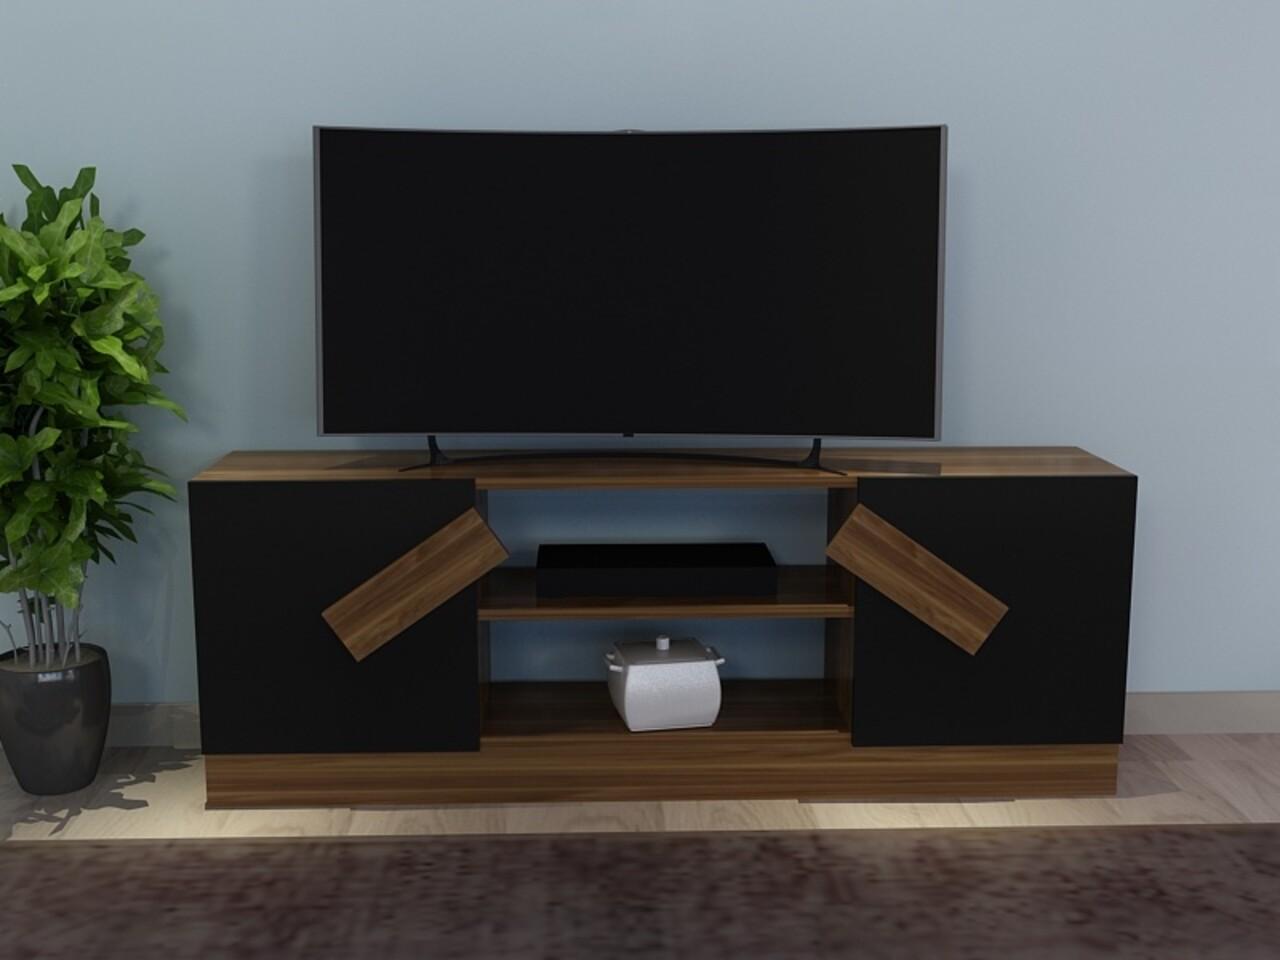 Comoda TV LADIN, Gauge Concept, 150x31x54 cm, PAL, aluna/negru